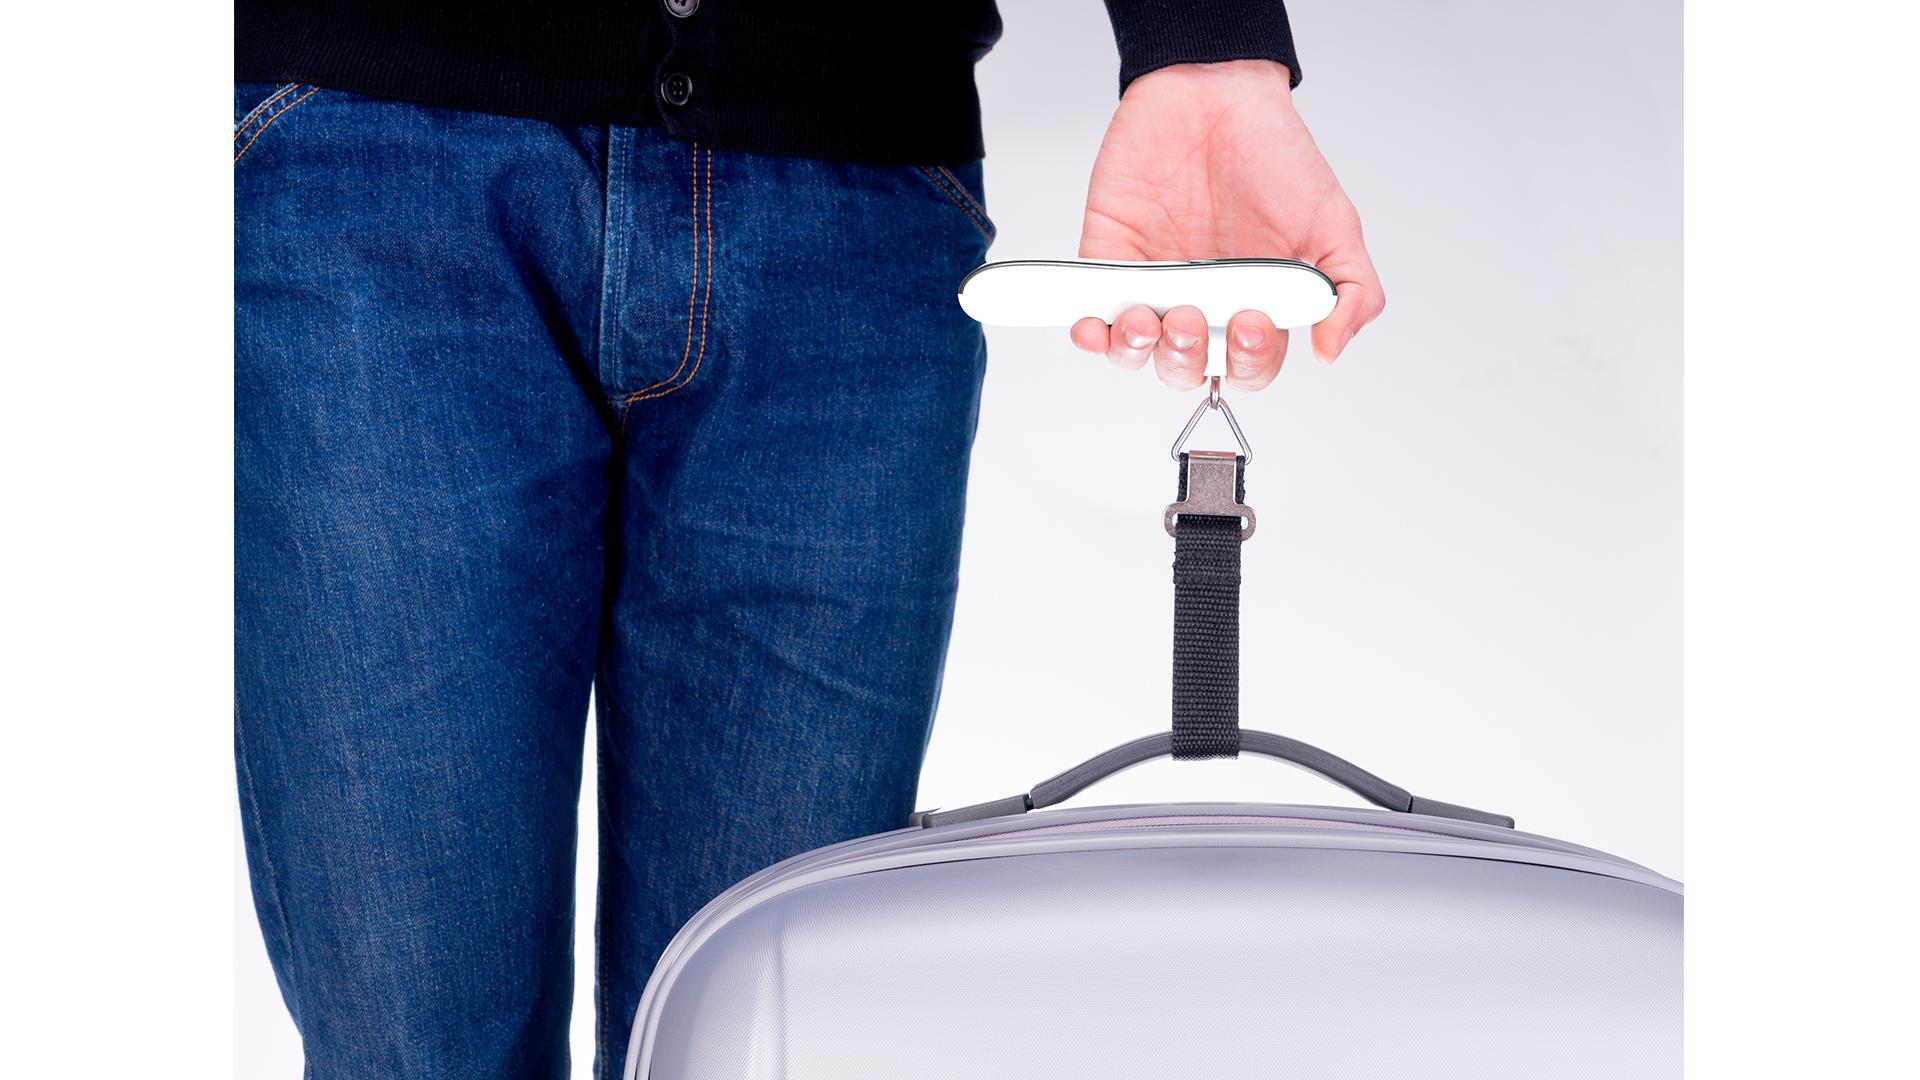 Универсальное зарядное устройство Hargol с багажными весами